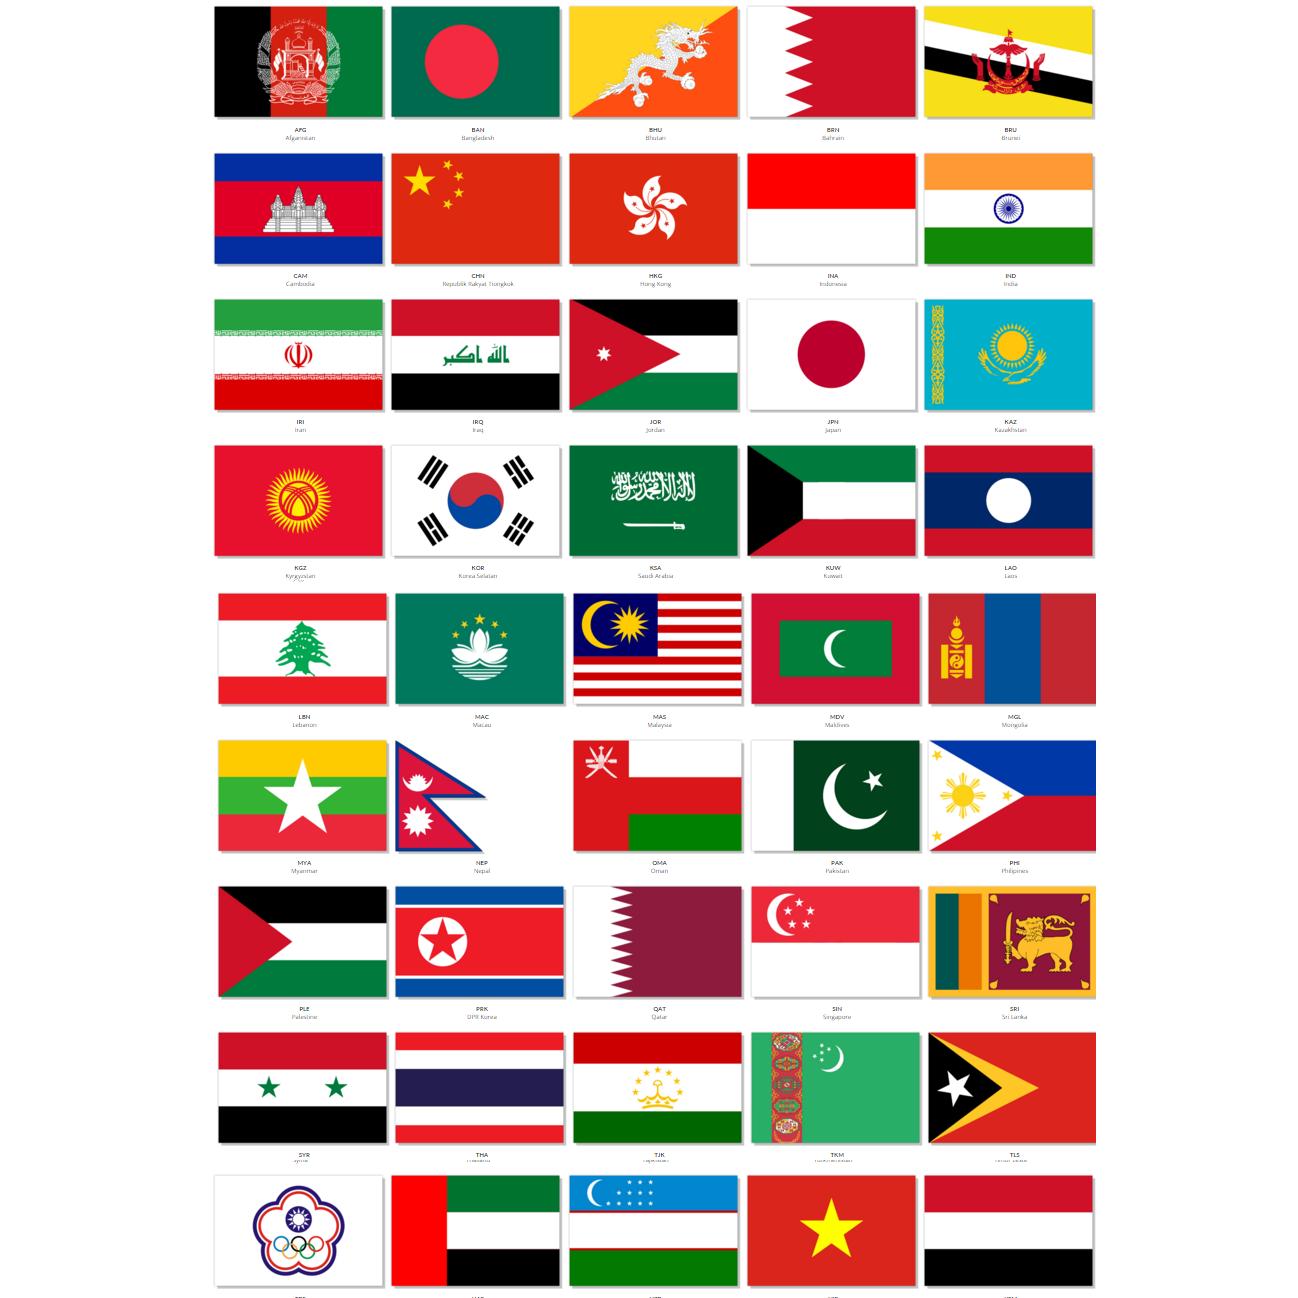 Daftar Negara Peserta Asian Games 2018 Jakarta - Palembang